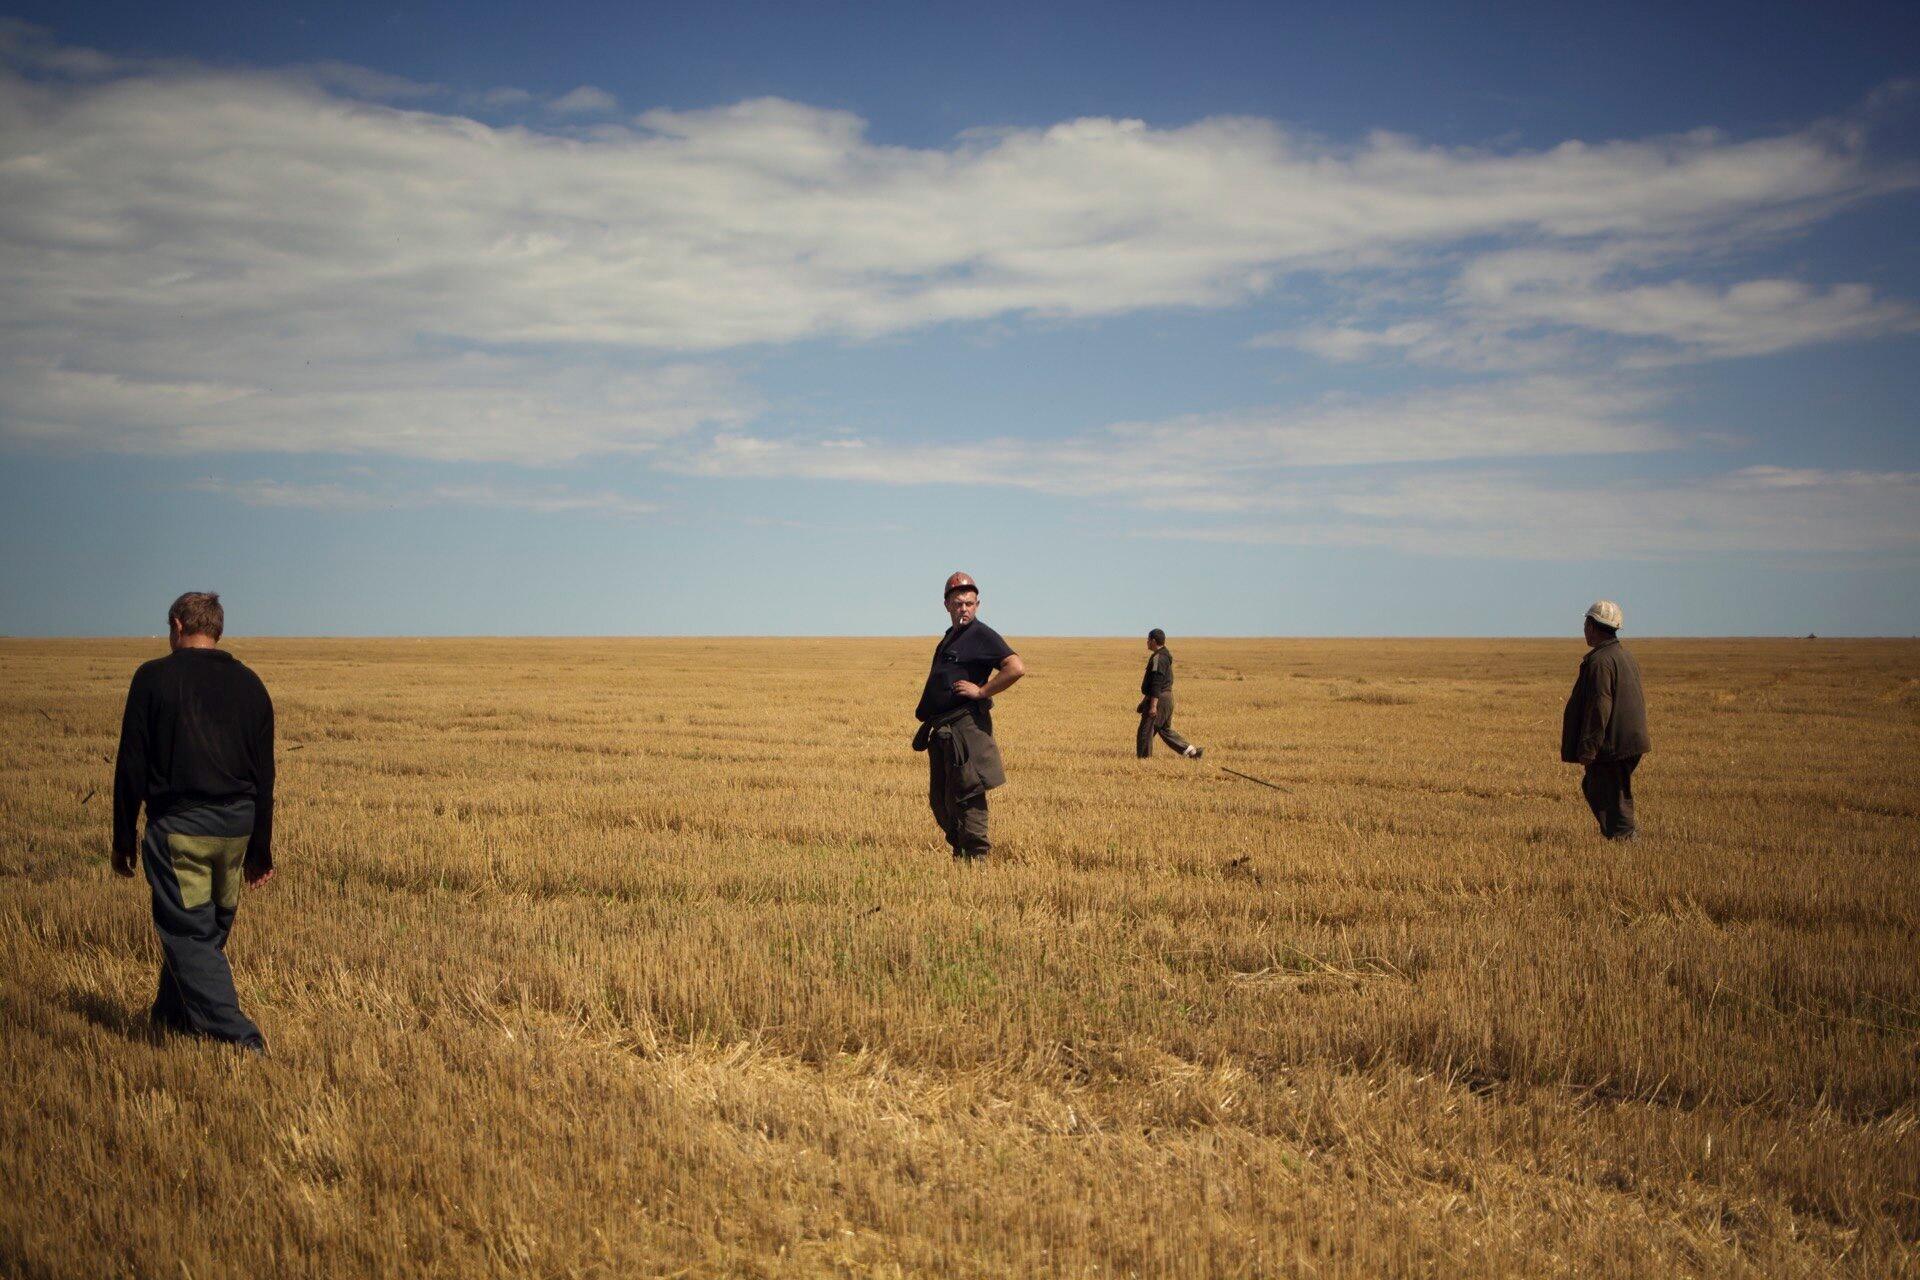 Fotografi av menn i en åker. Foto av Kyrre Lien